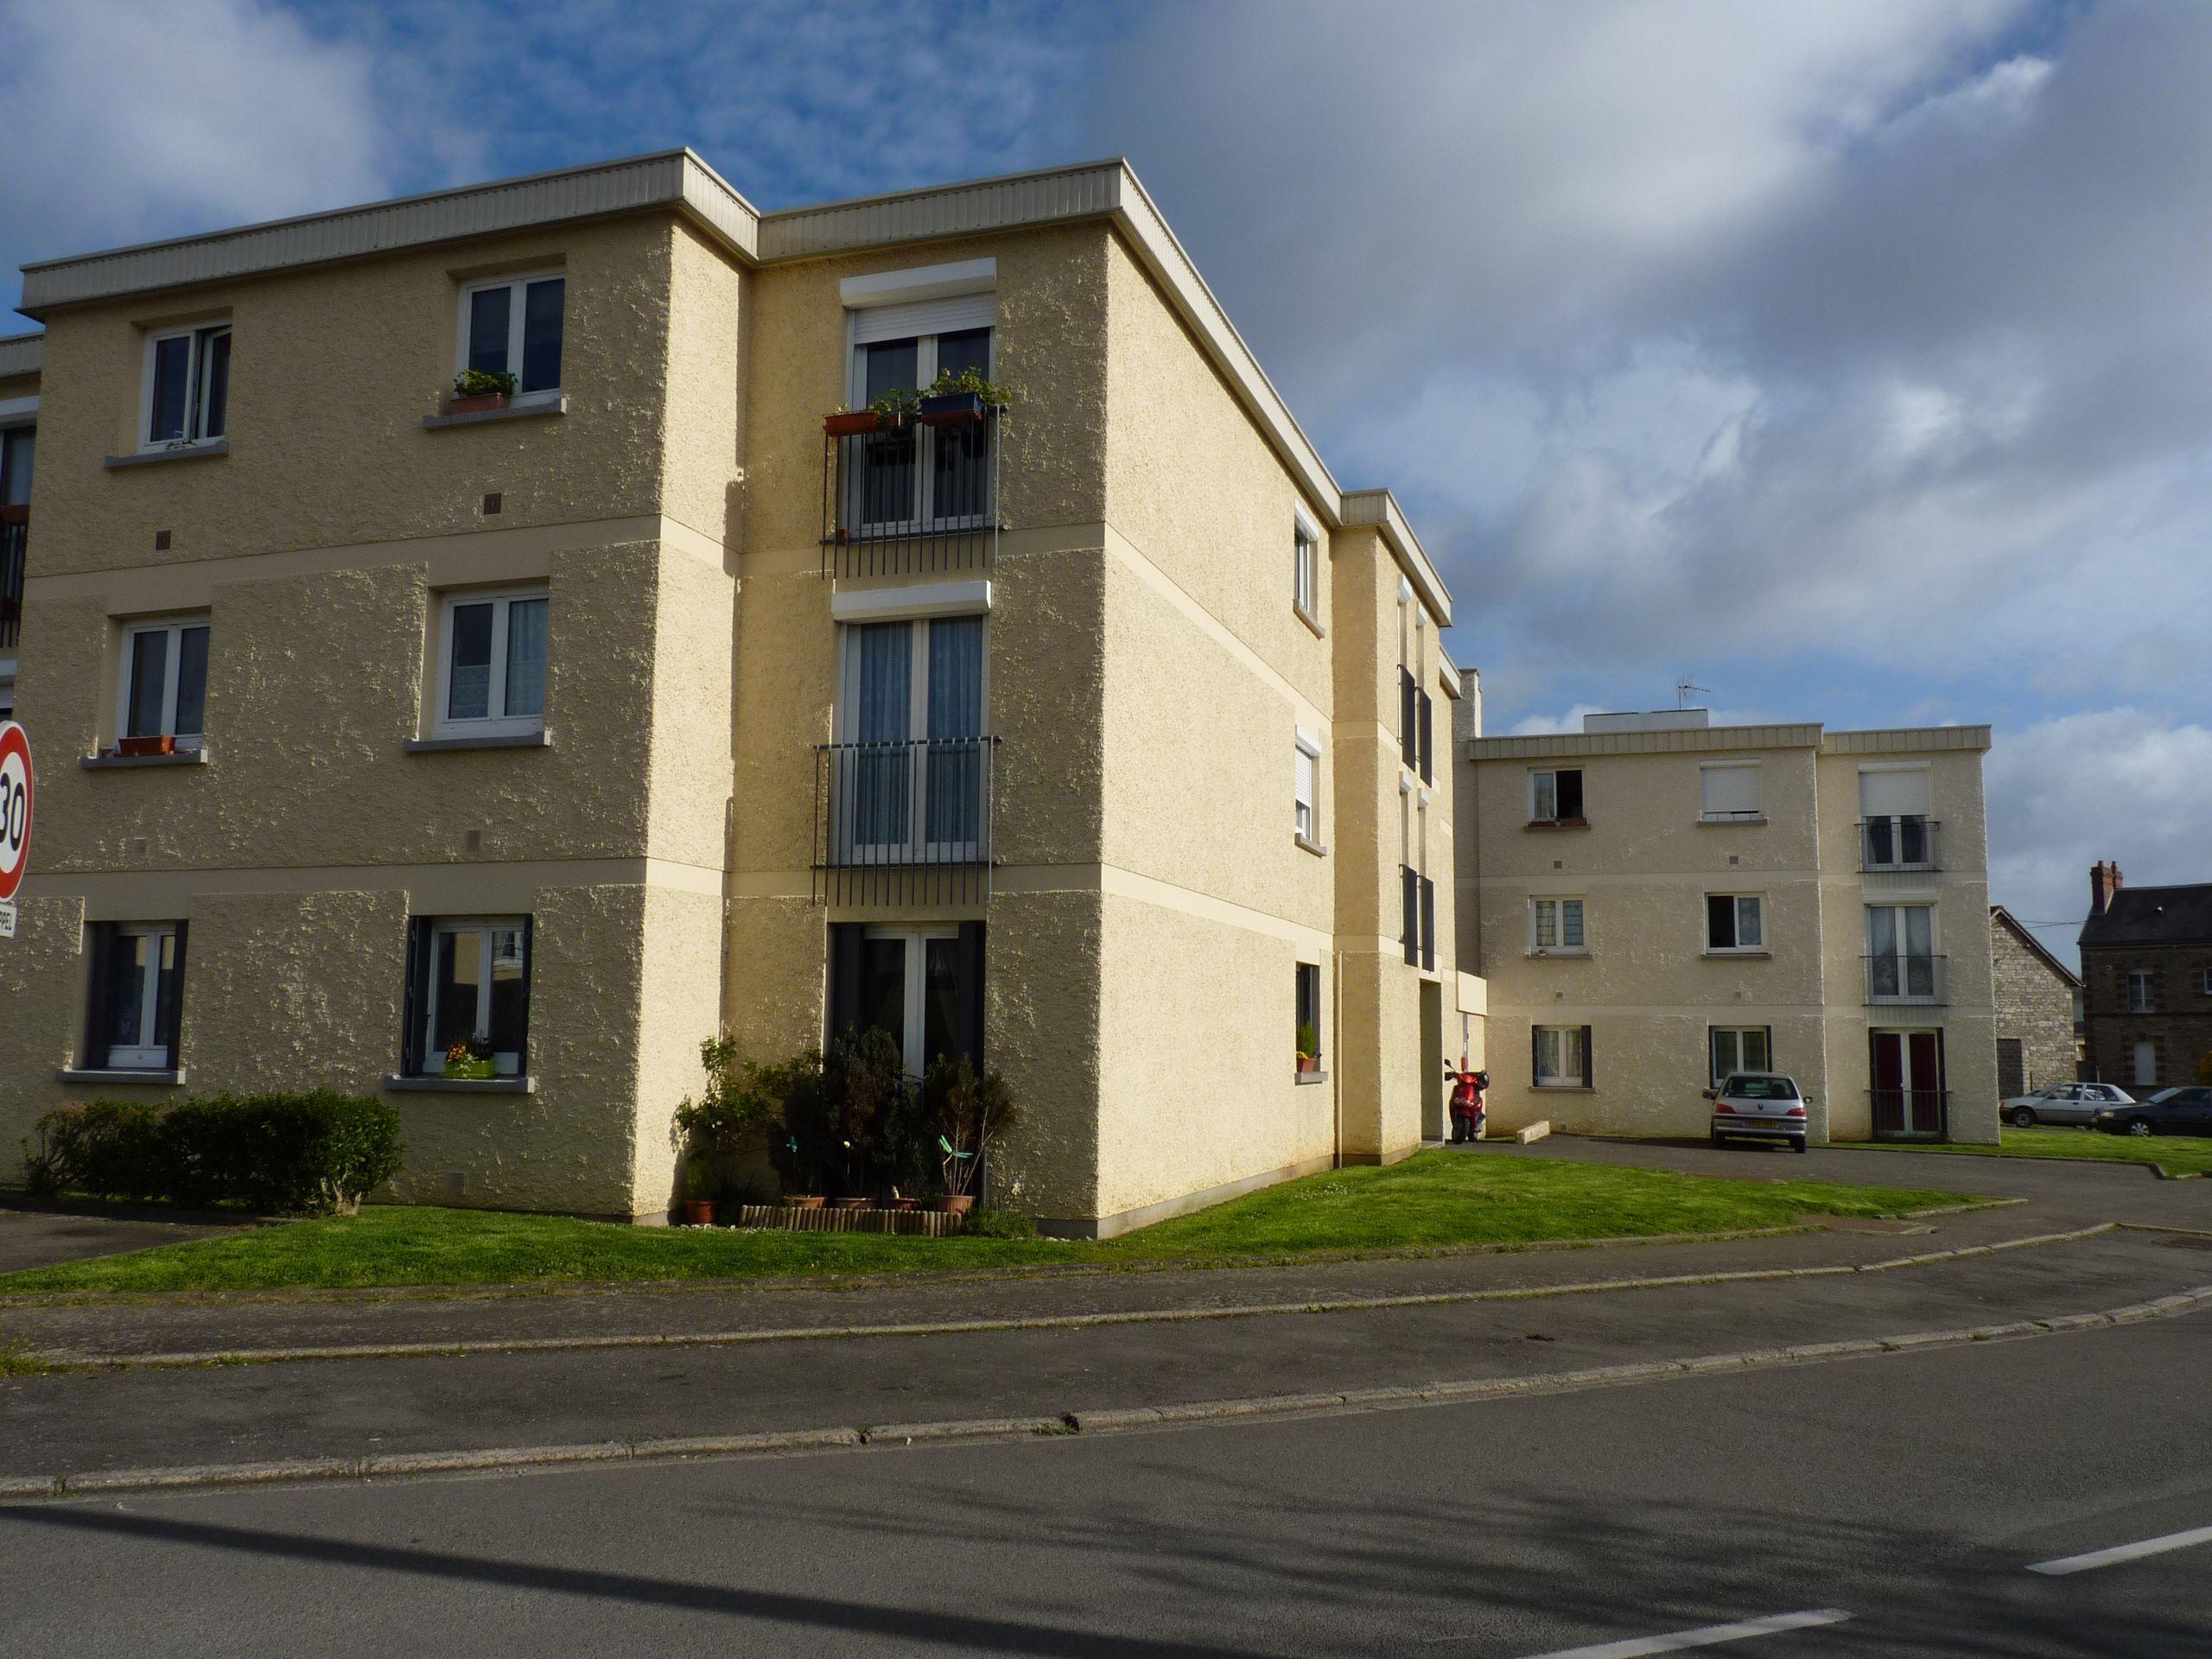 Logement saint germain du corbeis locataion appartement for Entretien exterieur locataire